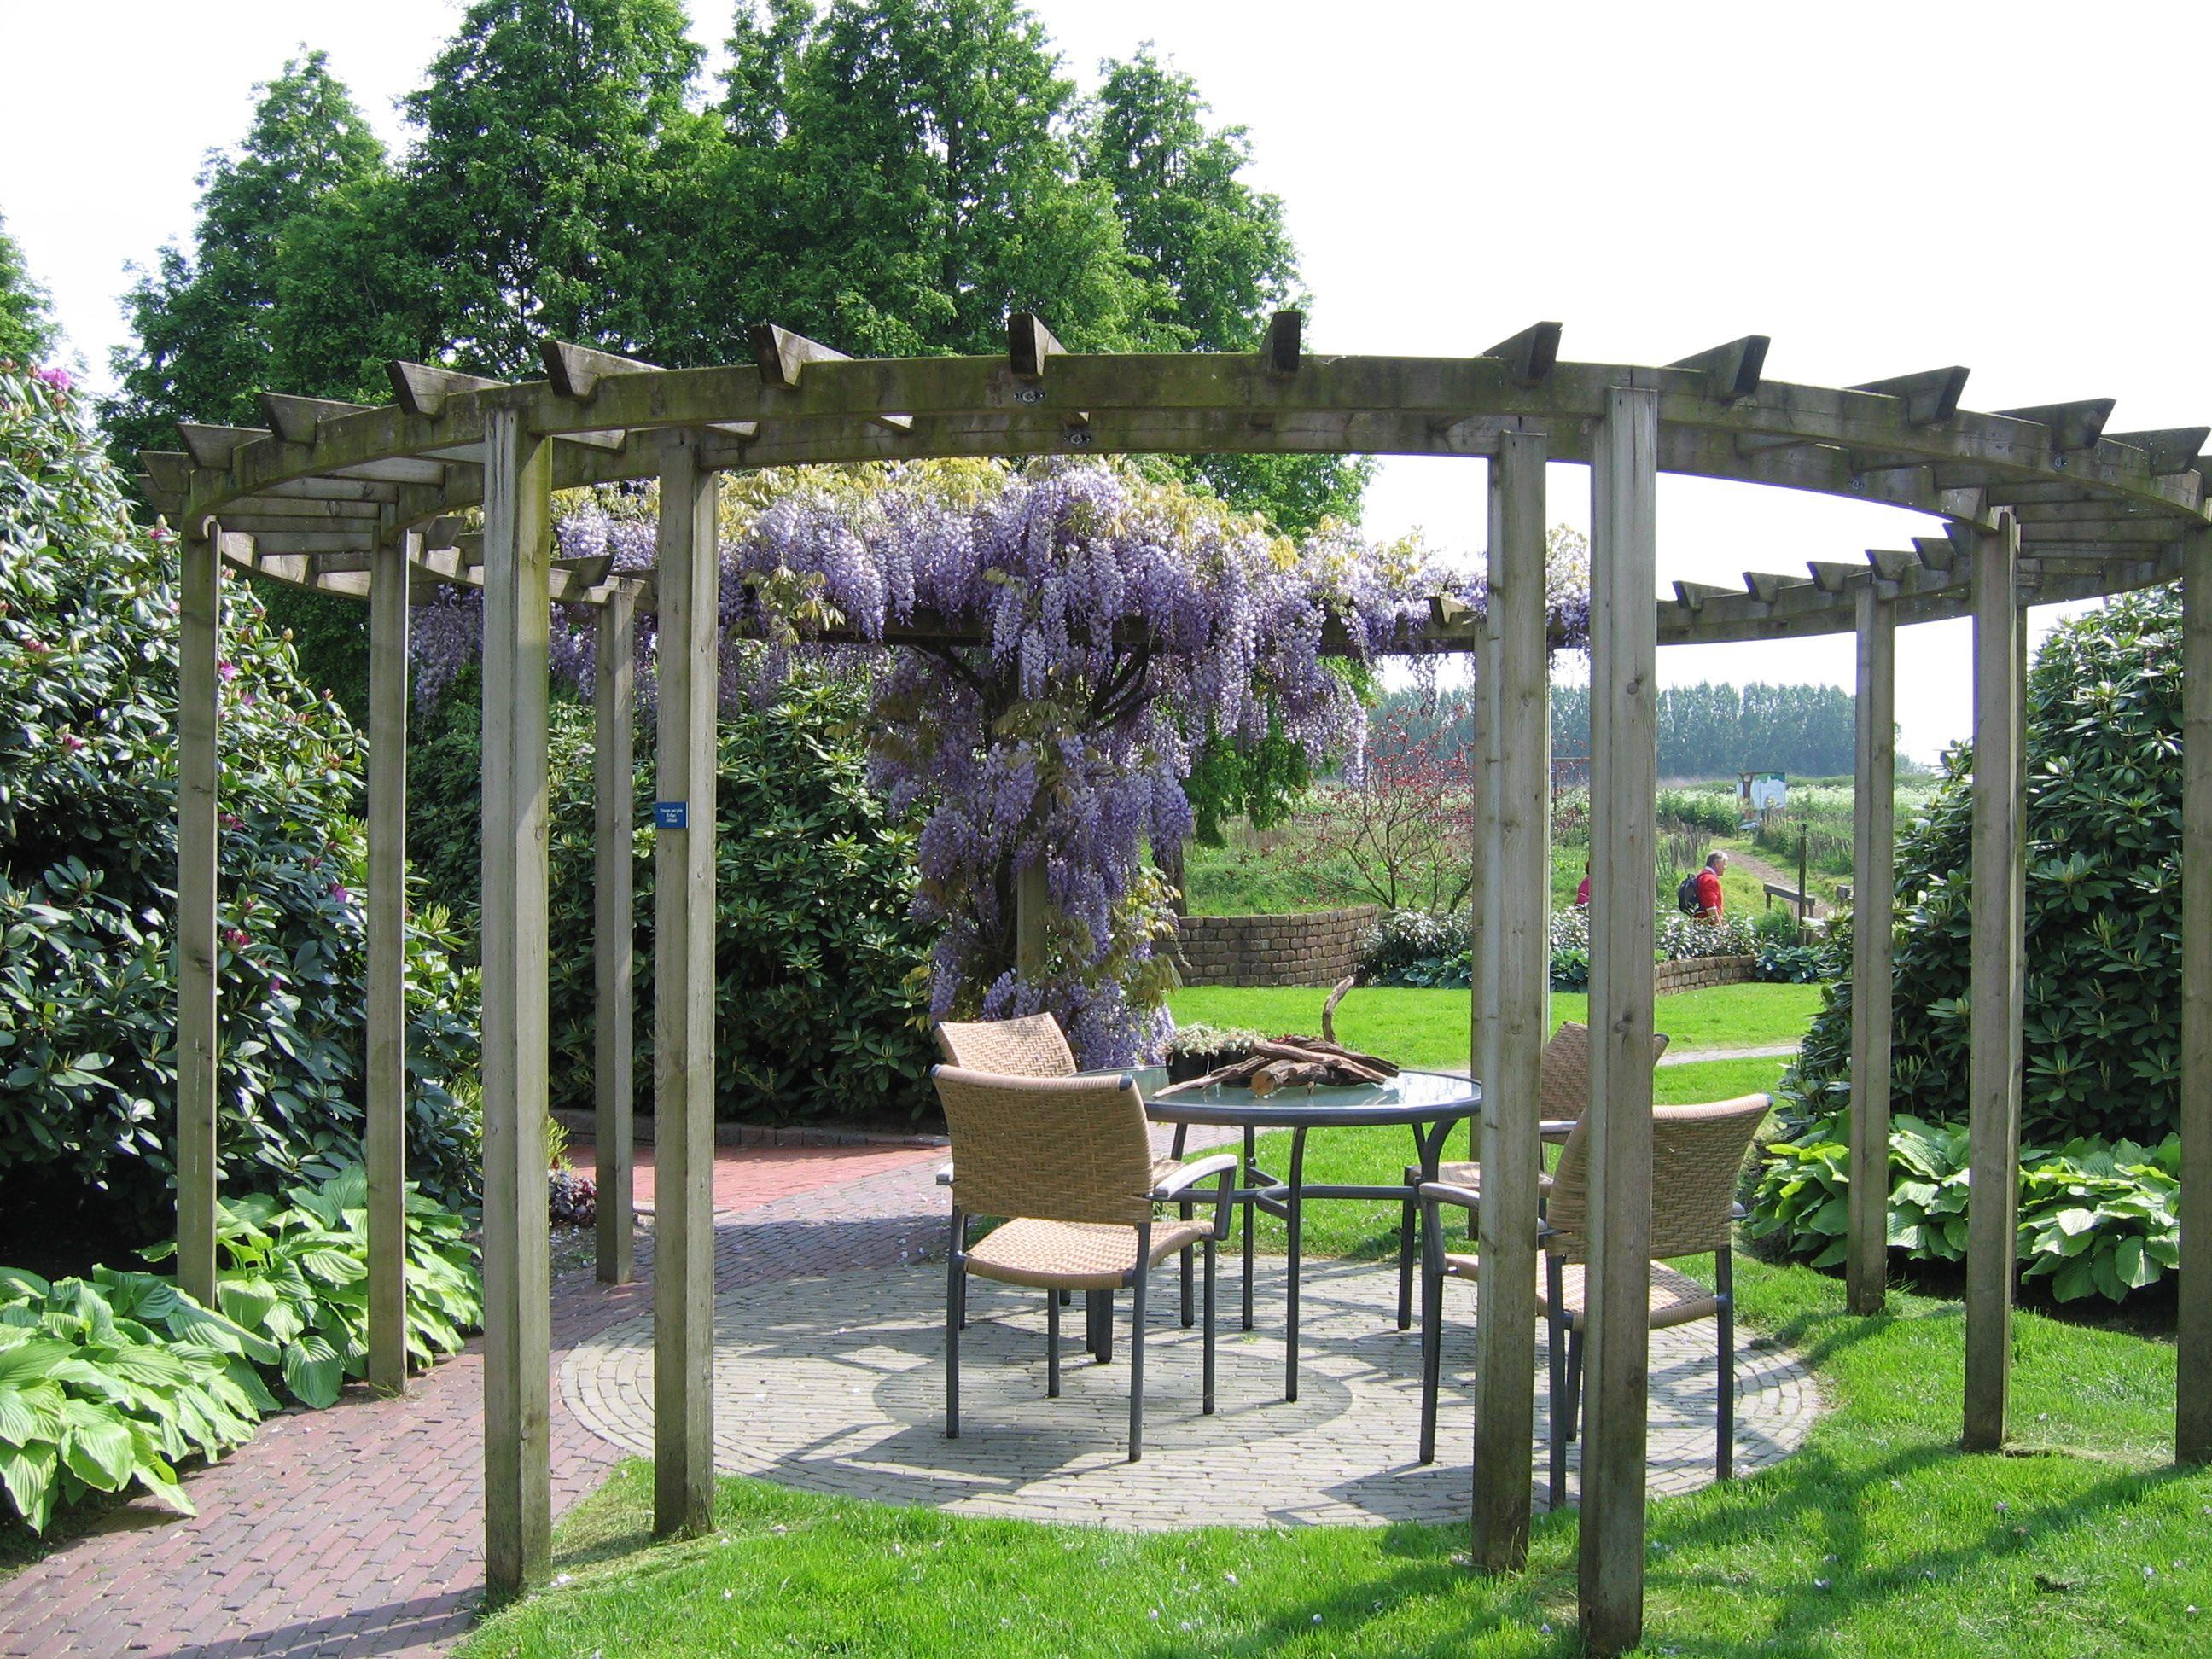 Pergola in cirkelvorm gezien in de voorbeeld tuinen van appeltern in nederland tuin - Hout pergola dekking ...